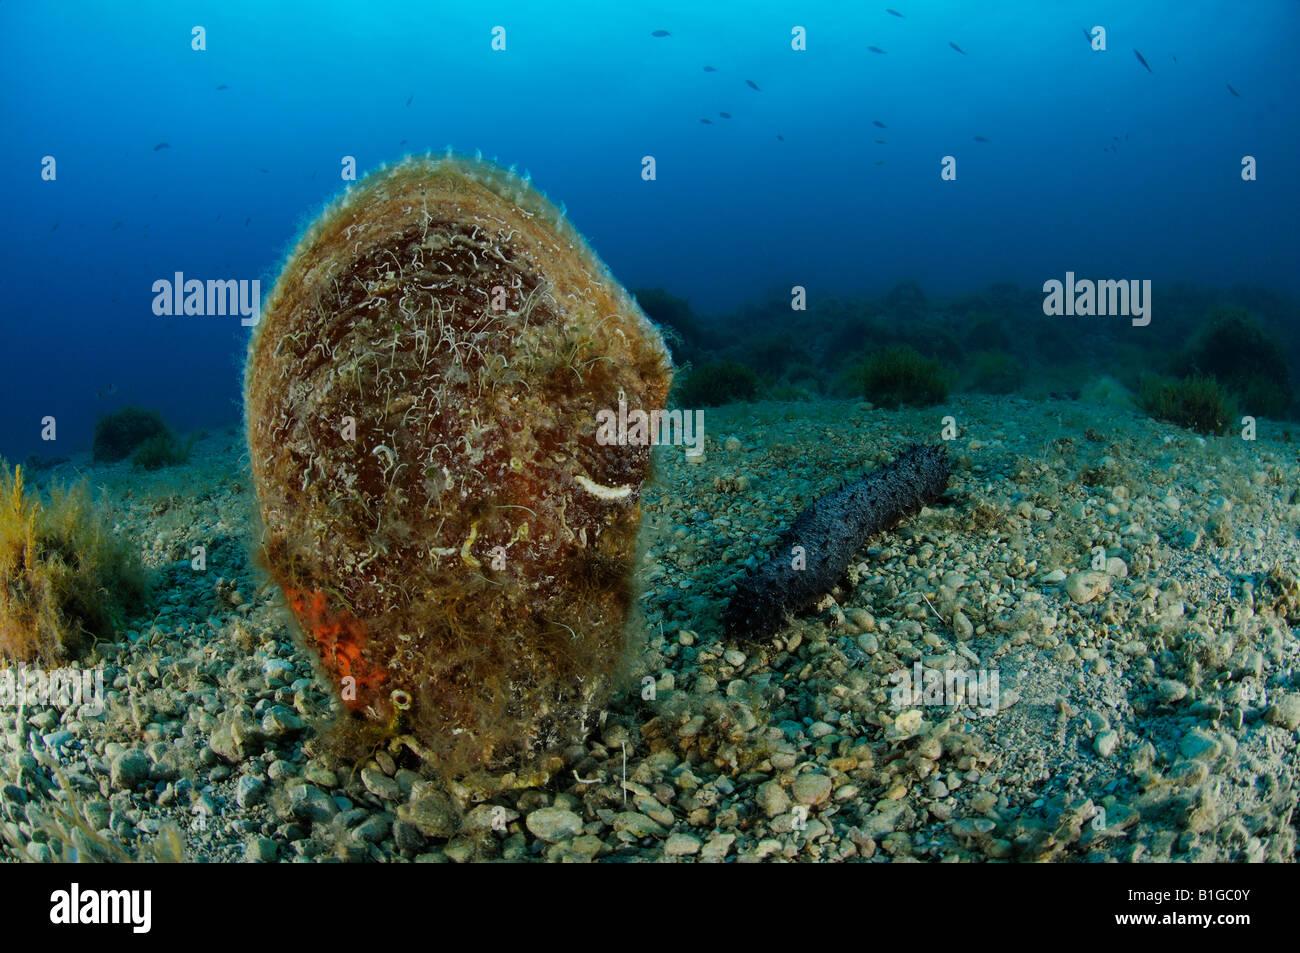 Shell pluma noble en el lecho marino, Pinna nobilis, Croacia Mar Adriático Mar Mediterráneo Imagen De Stock